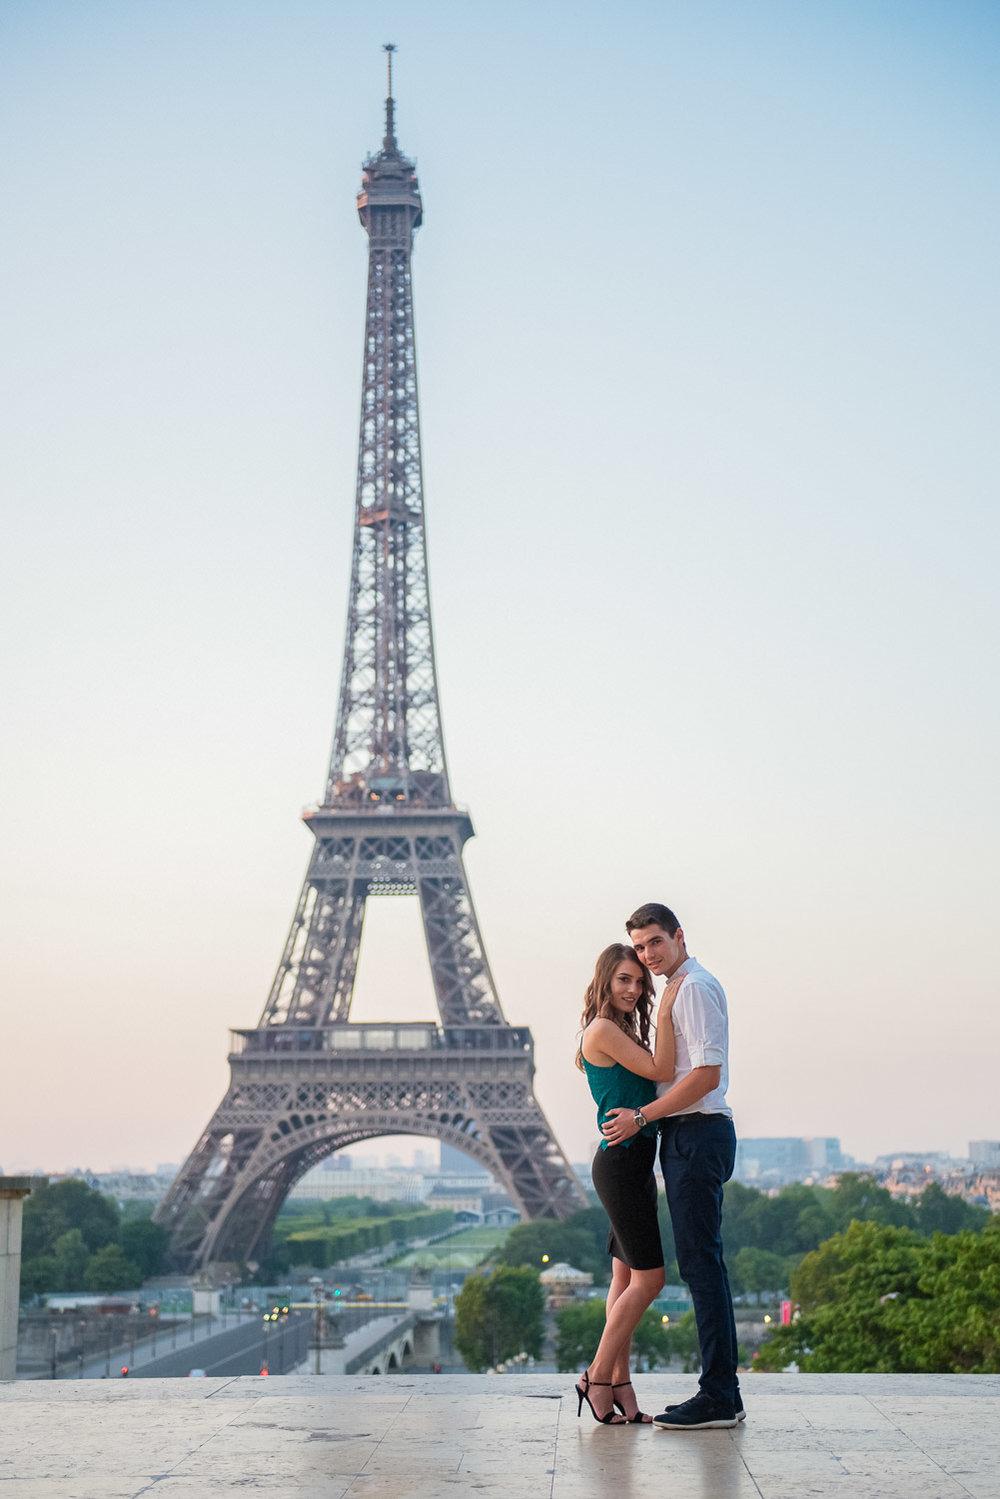 Paris surprise proposal session for Andrei & Daniela 28 June 2018-2.jpg